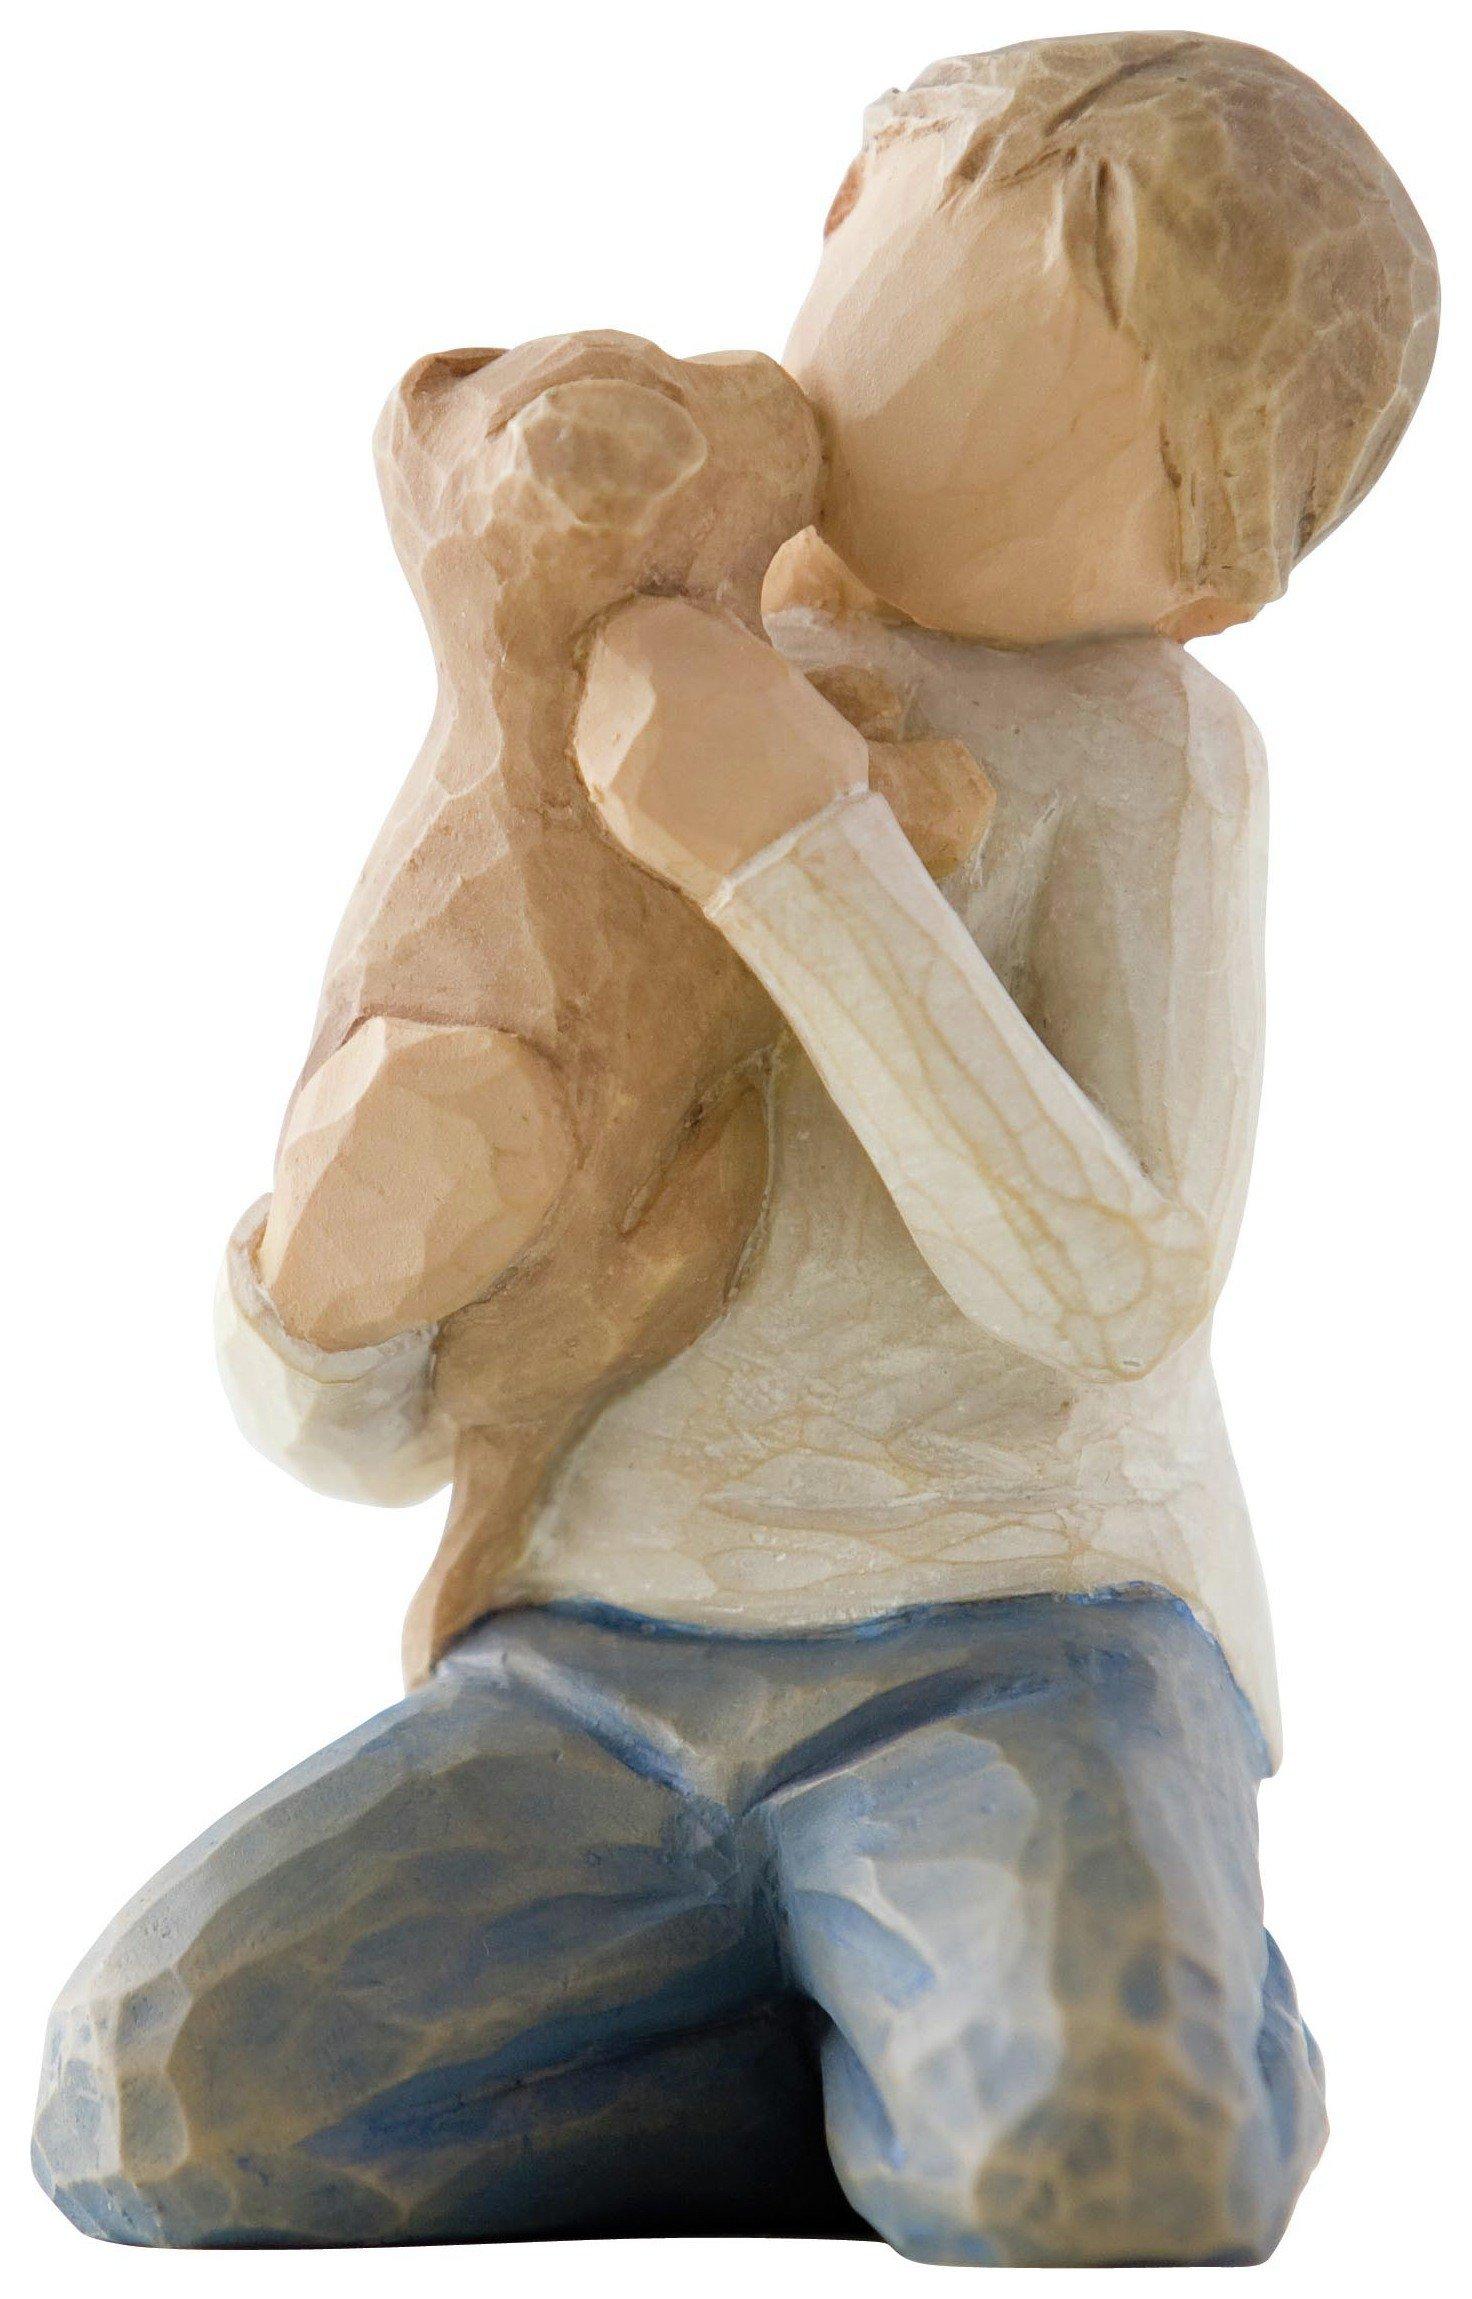 Willow Tree - Kindness Boy - Figurine lowest price